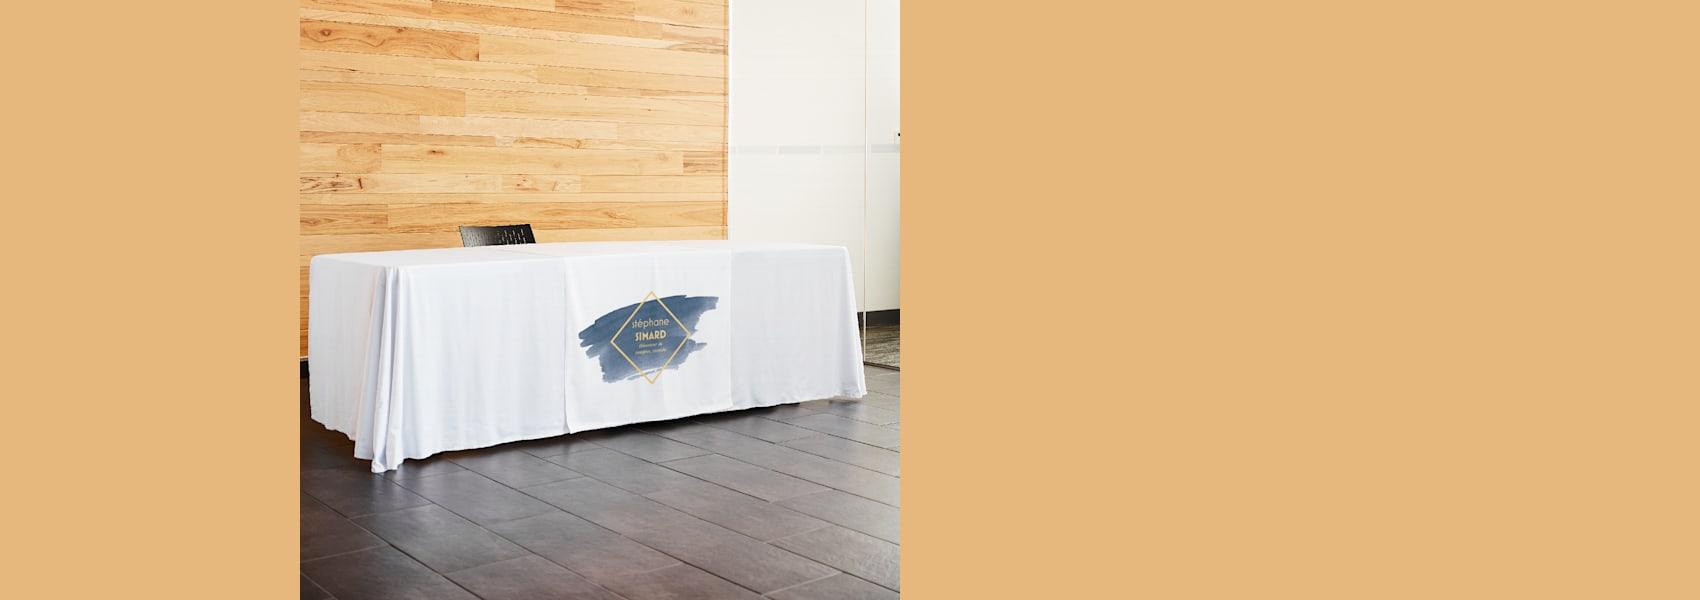 chemins de table pour salons professionnels